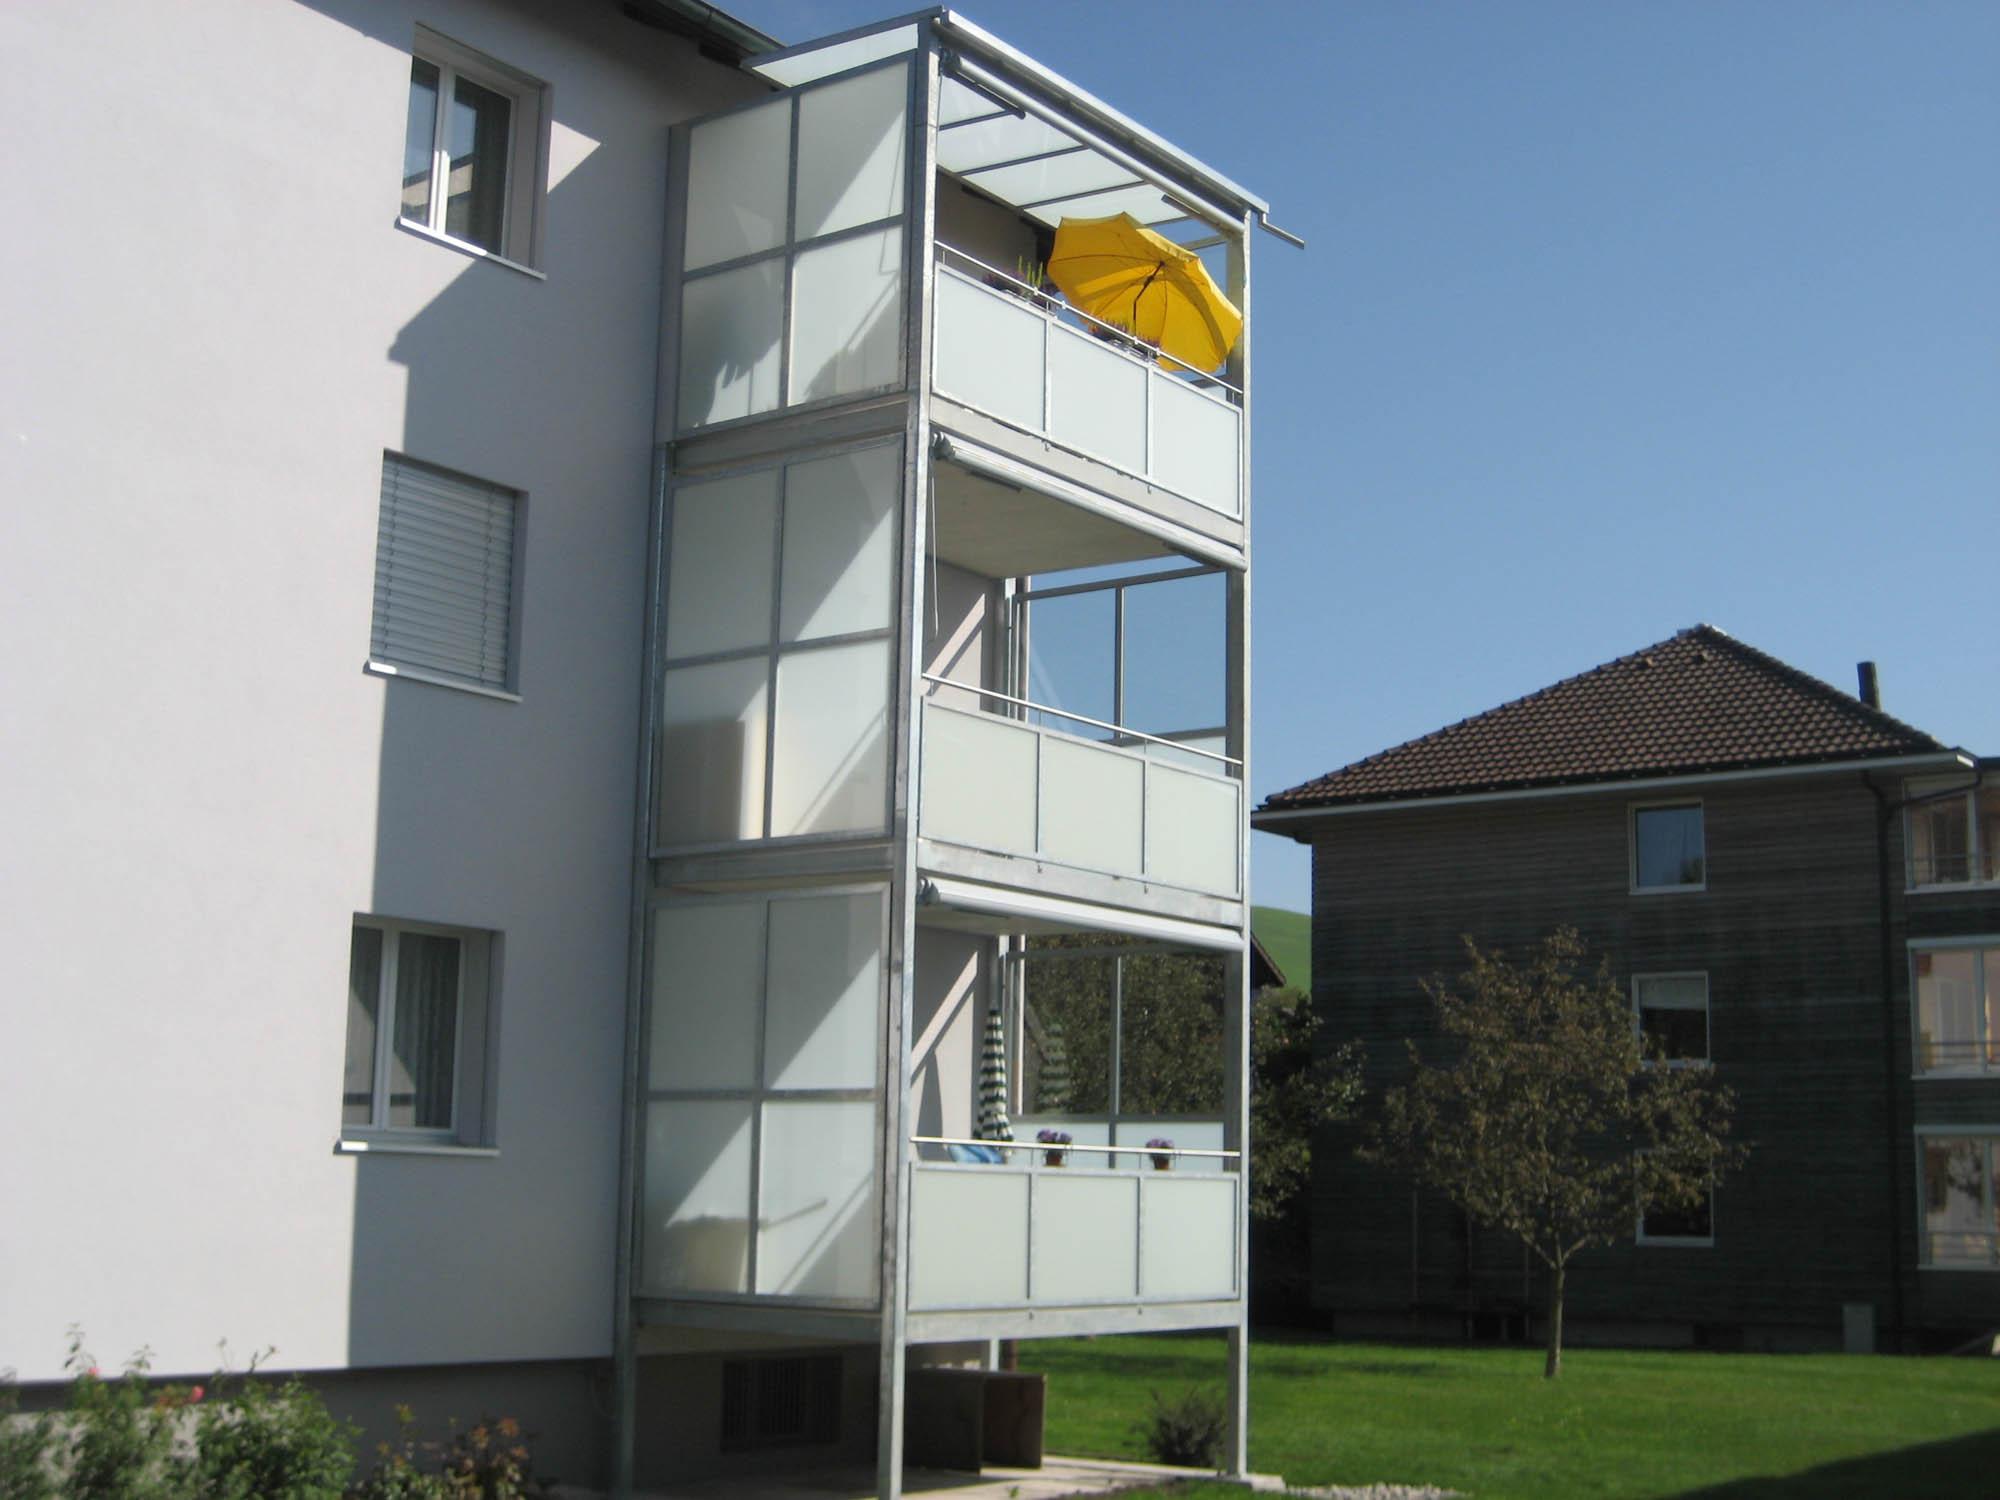 Balkonerweiterung-20